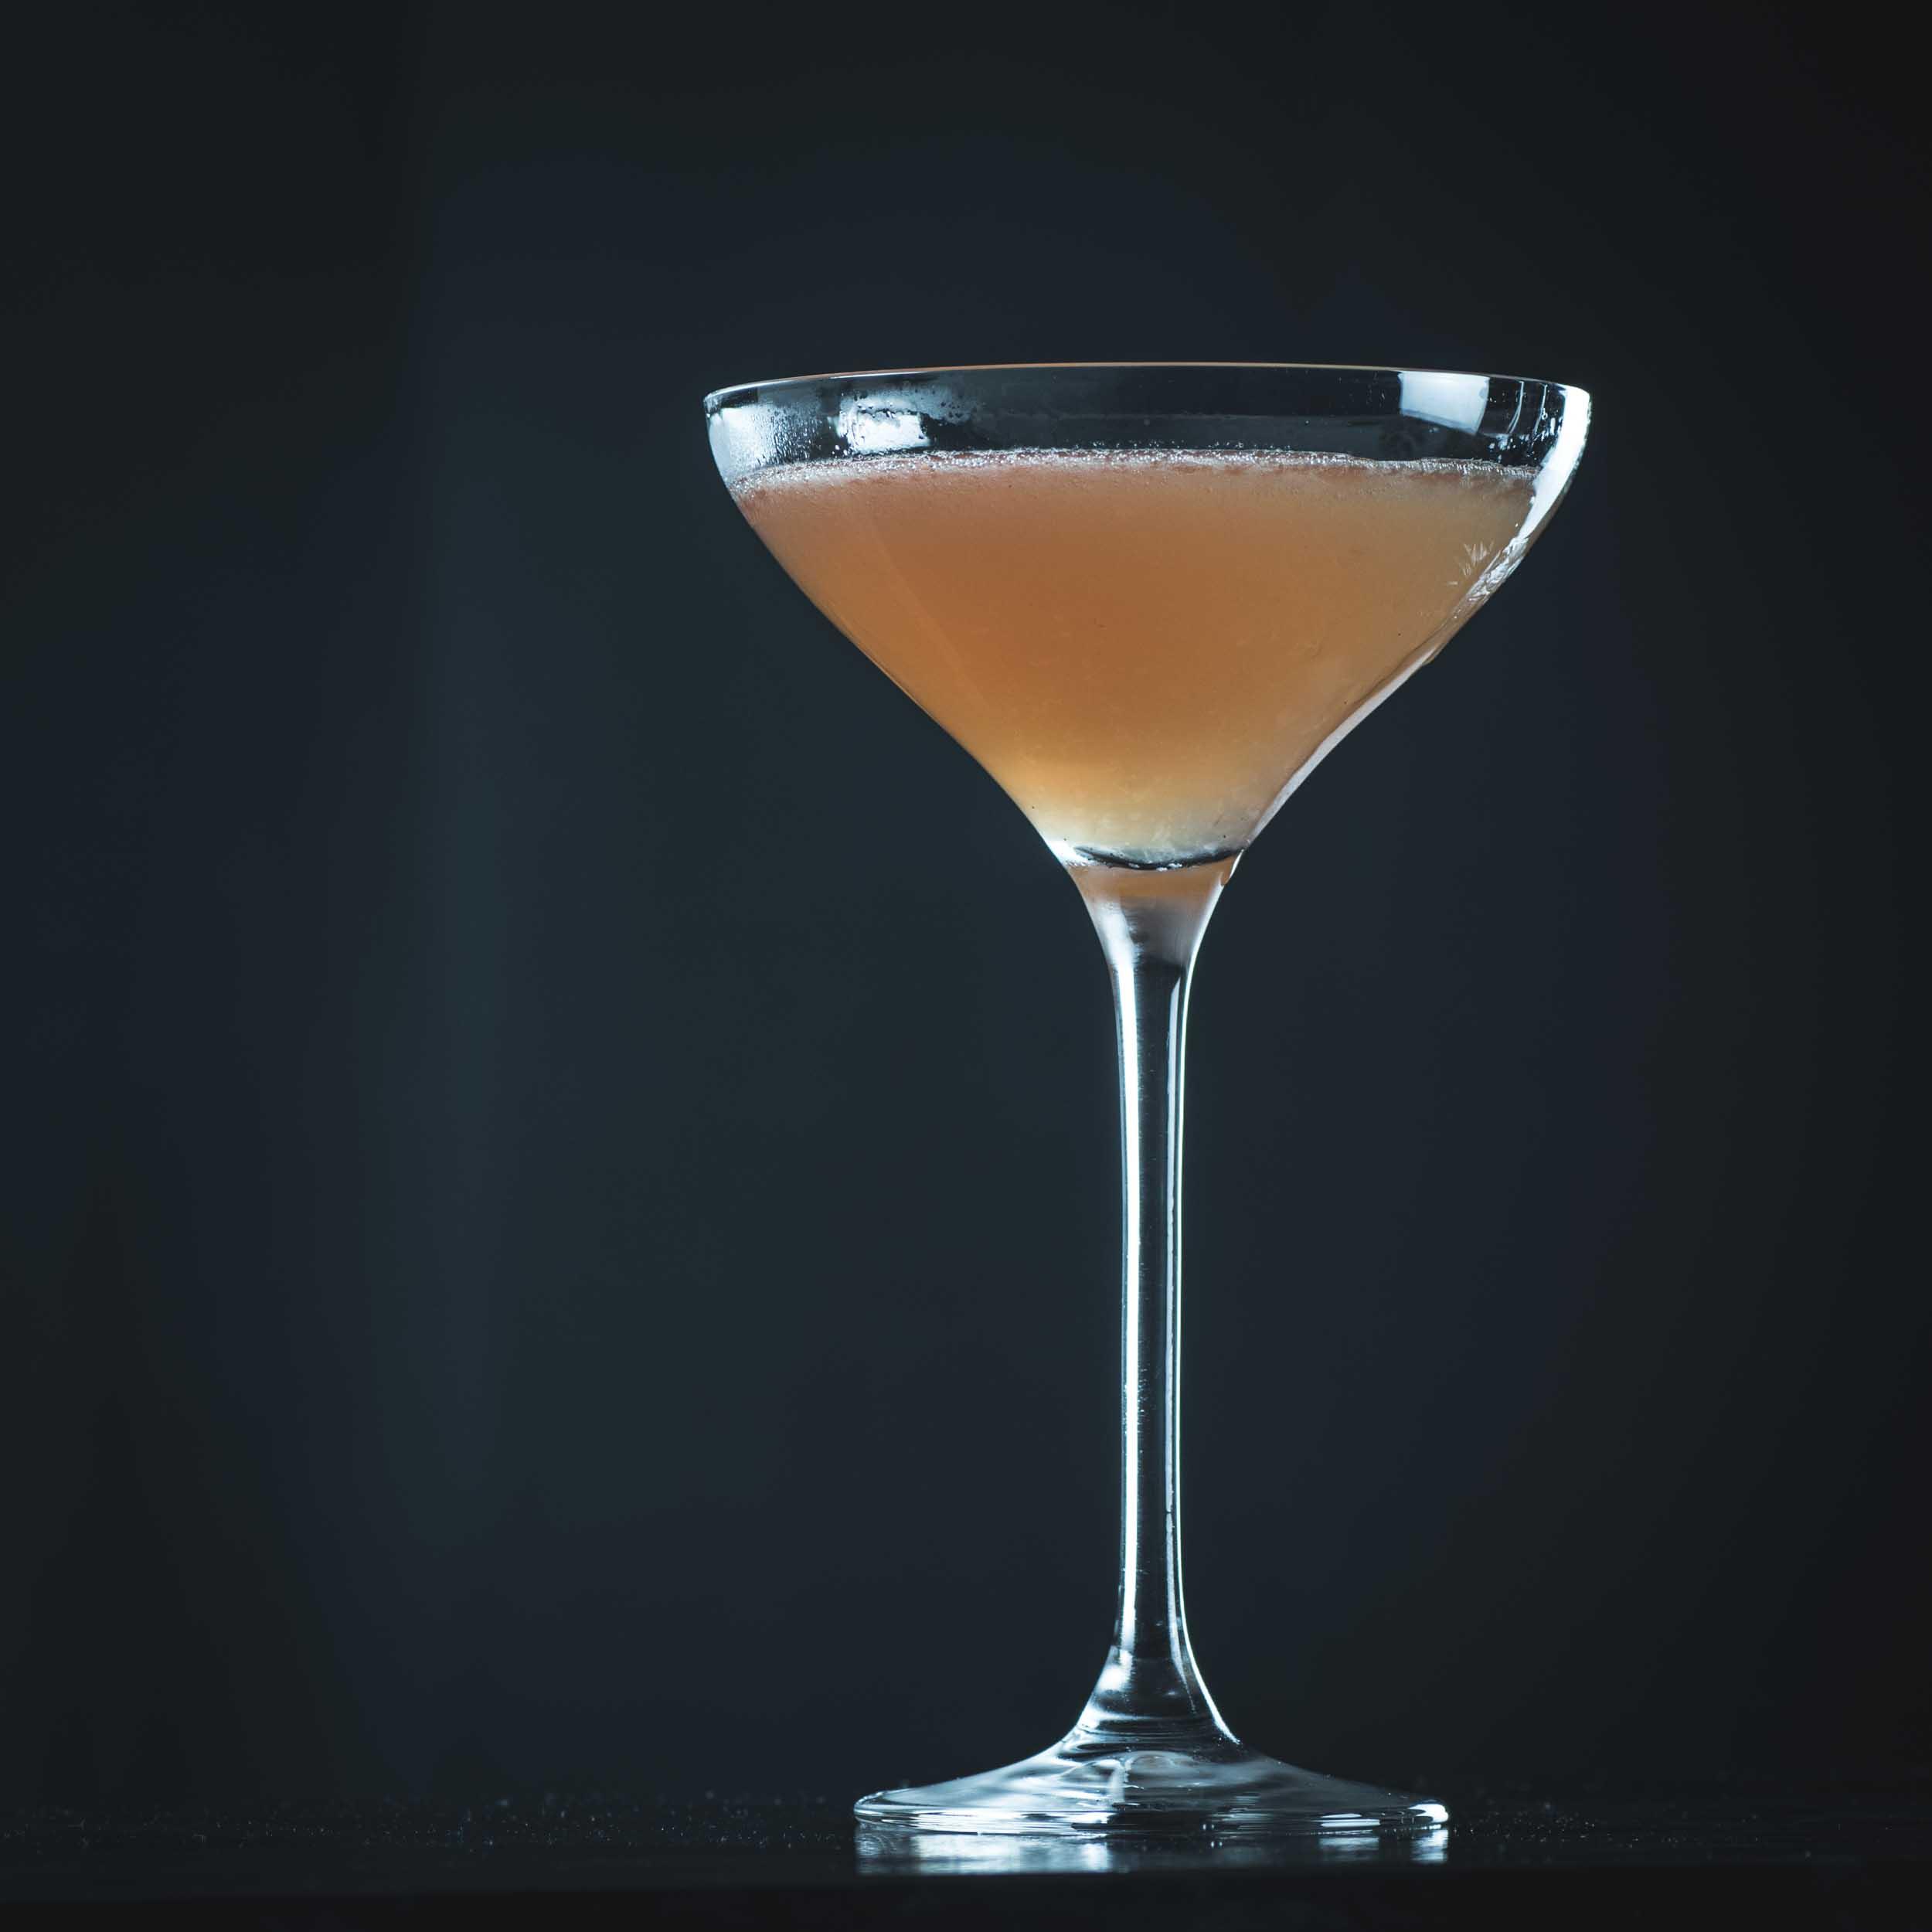 Ein Scofflaw Cocktail mit Rye Whiskey, trockenem Wermut, Grenadine, Zitrone und Orange Bitters.